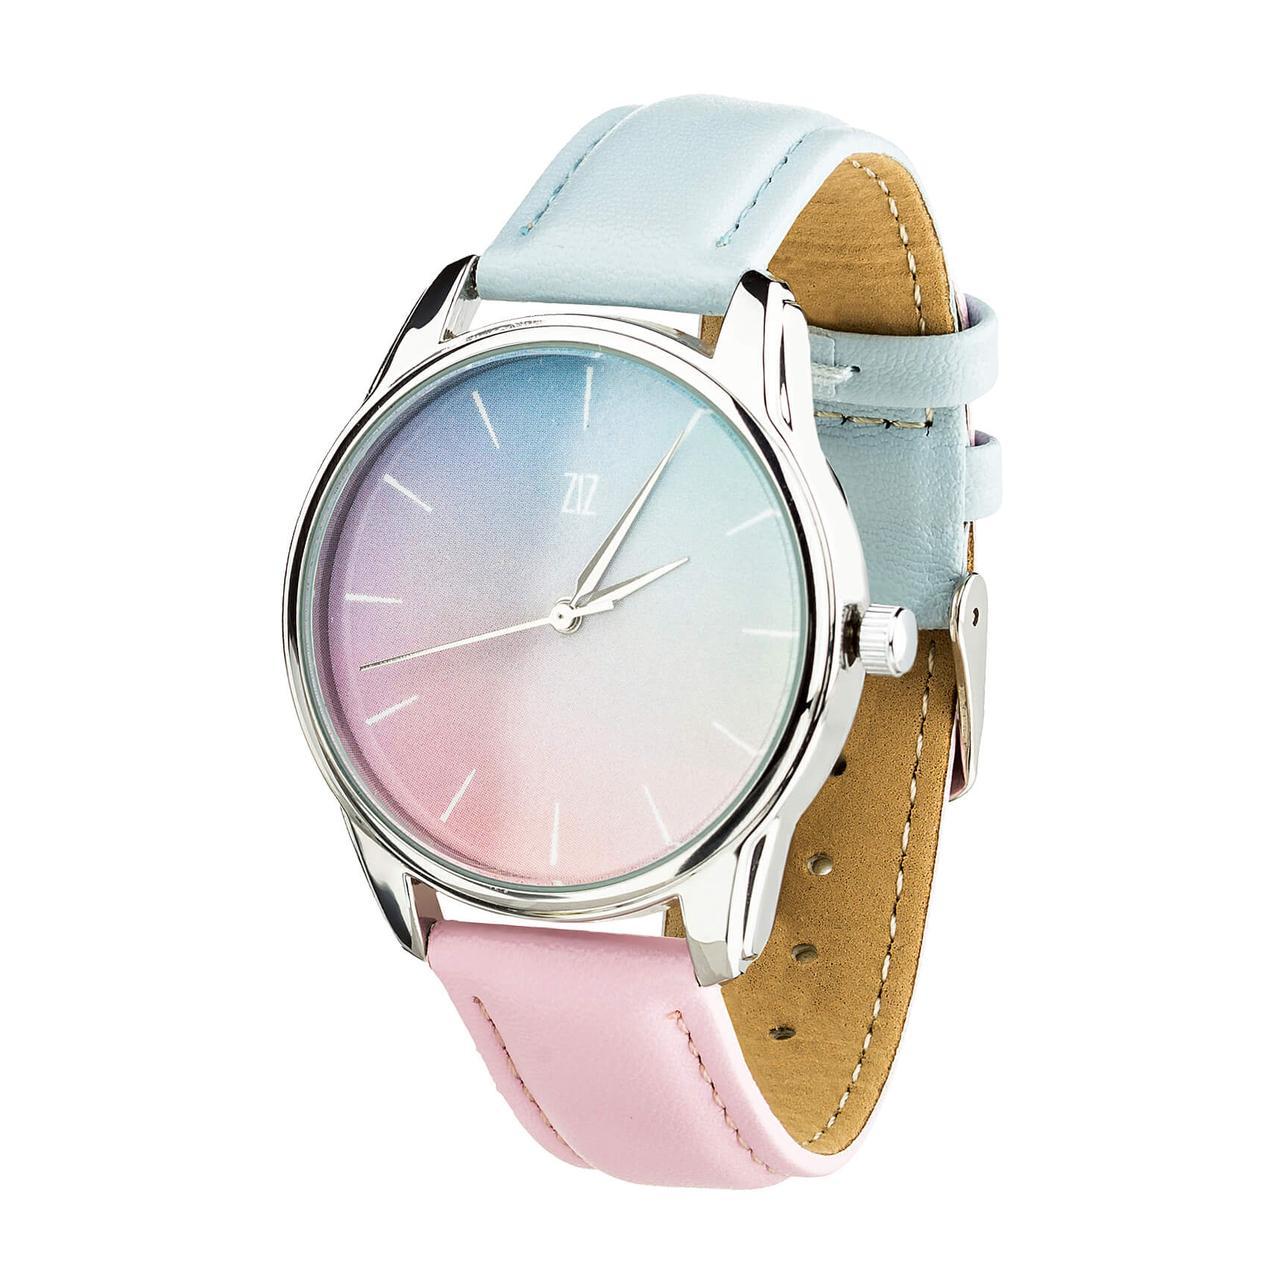 Часы ZIZ Розовый кварц и Безмятежность (ремешок голубо-розовый, серебро) + дополнительный ремешок